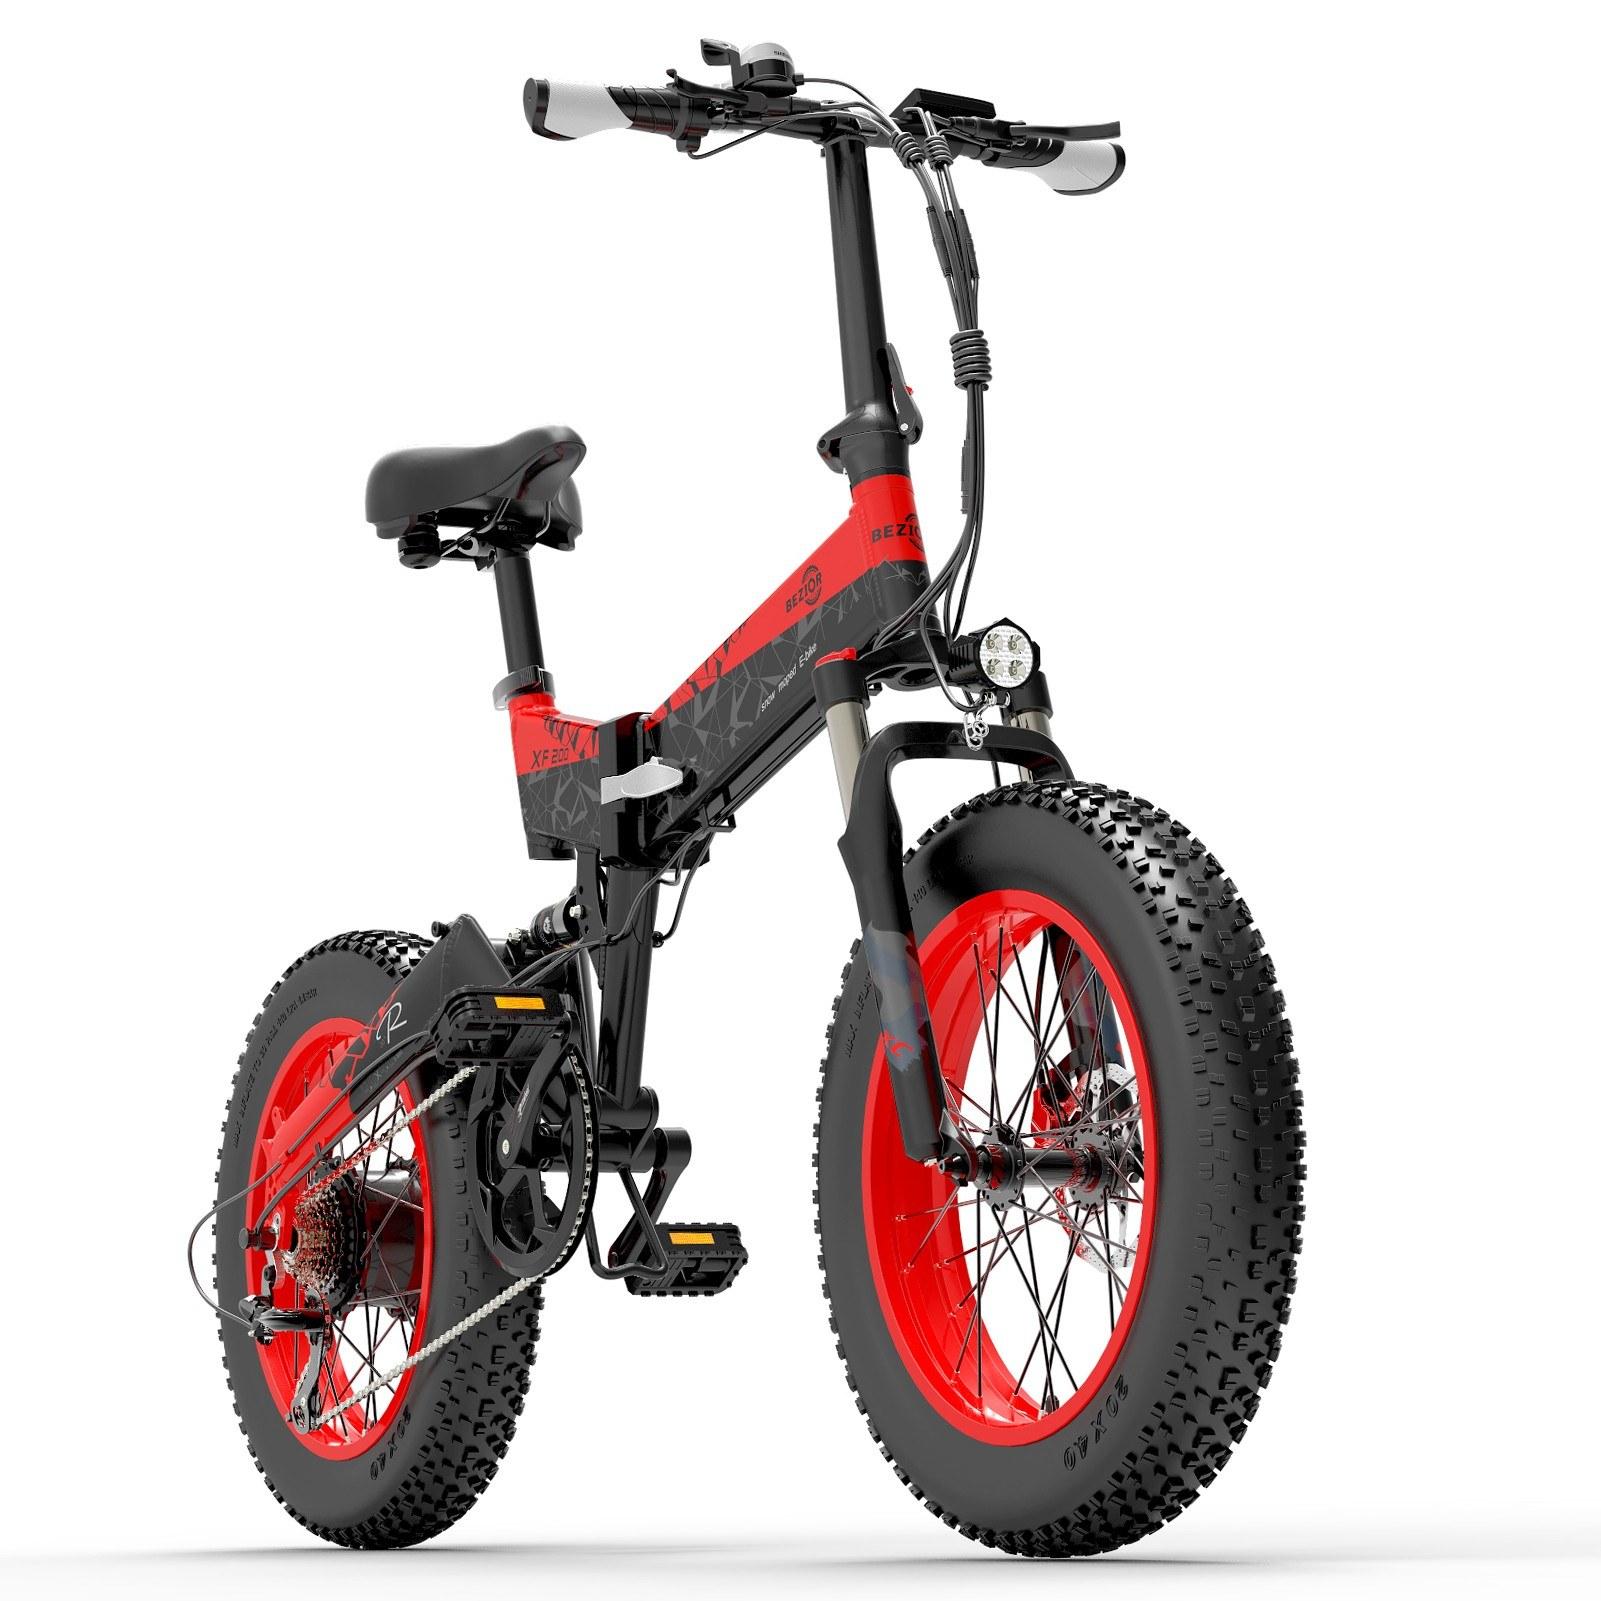 Cafago - 39% OFF BEZIOR XF200 1000W Motor Folding Electric Moped Bike,free shipping+$1442.38